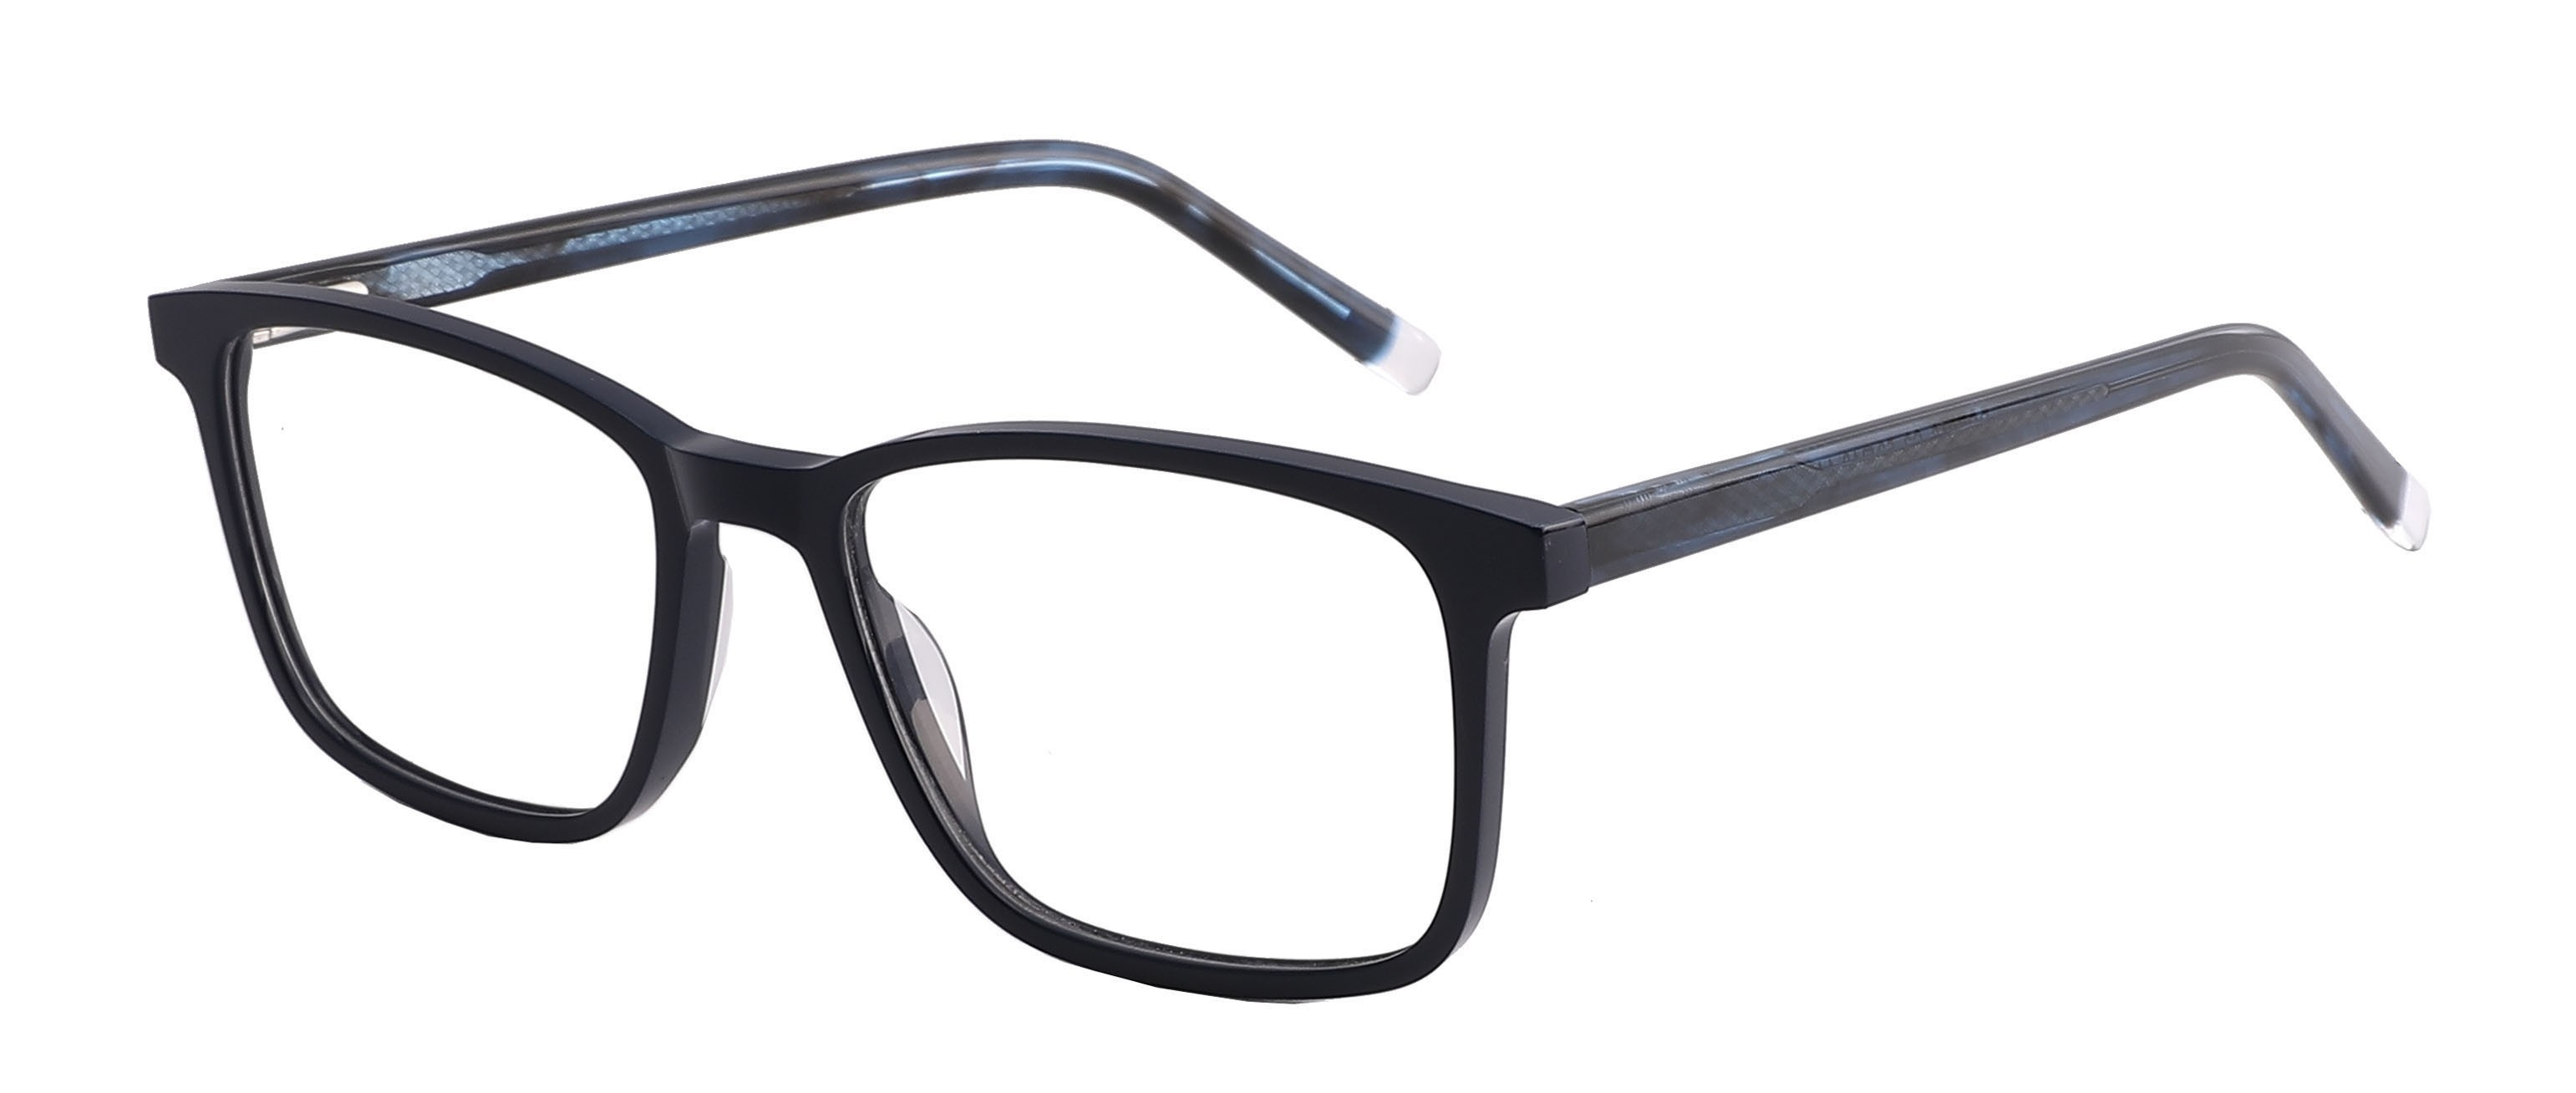 Jean Blue sinise valguse prillid